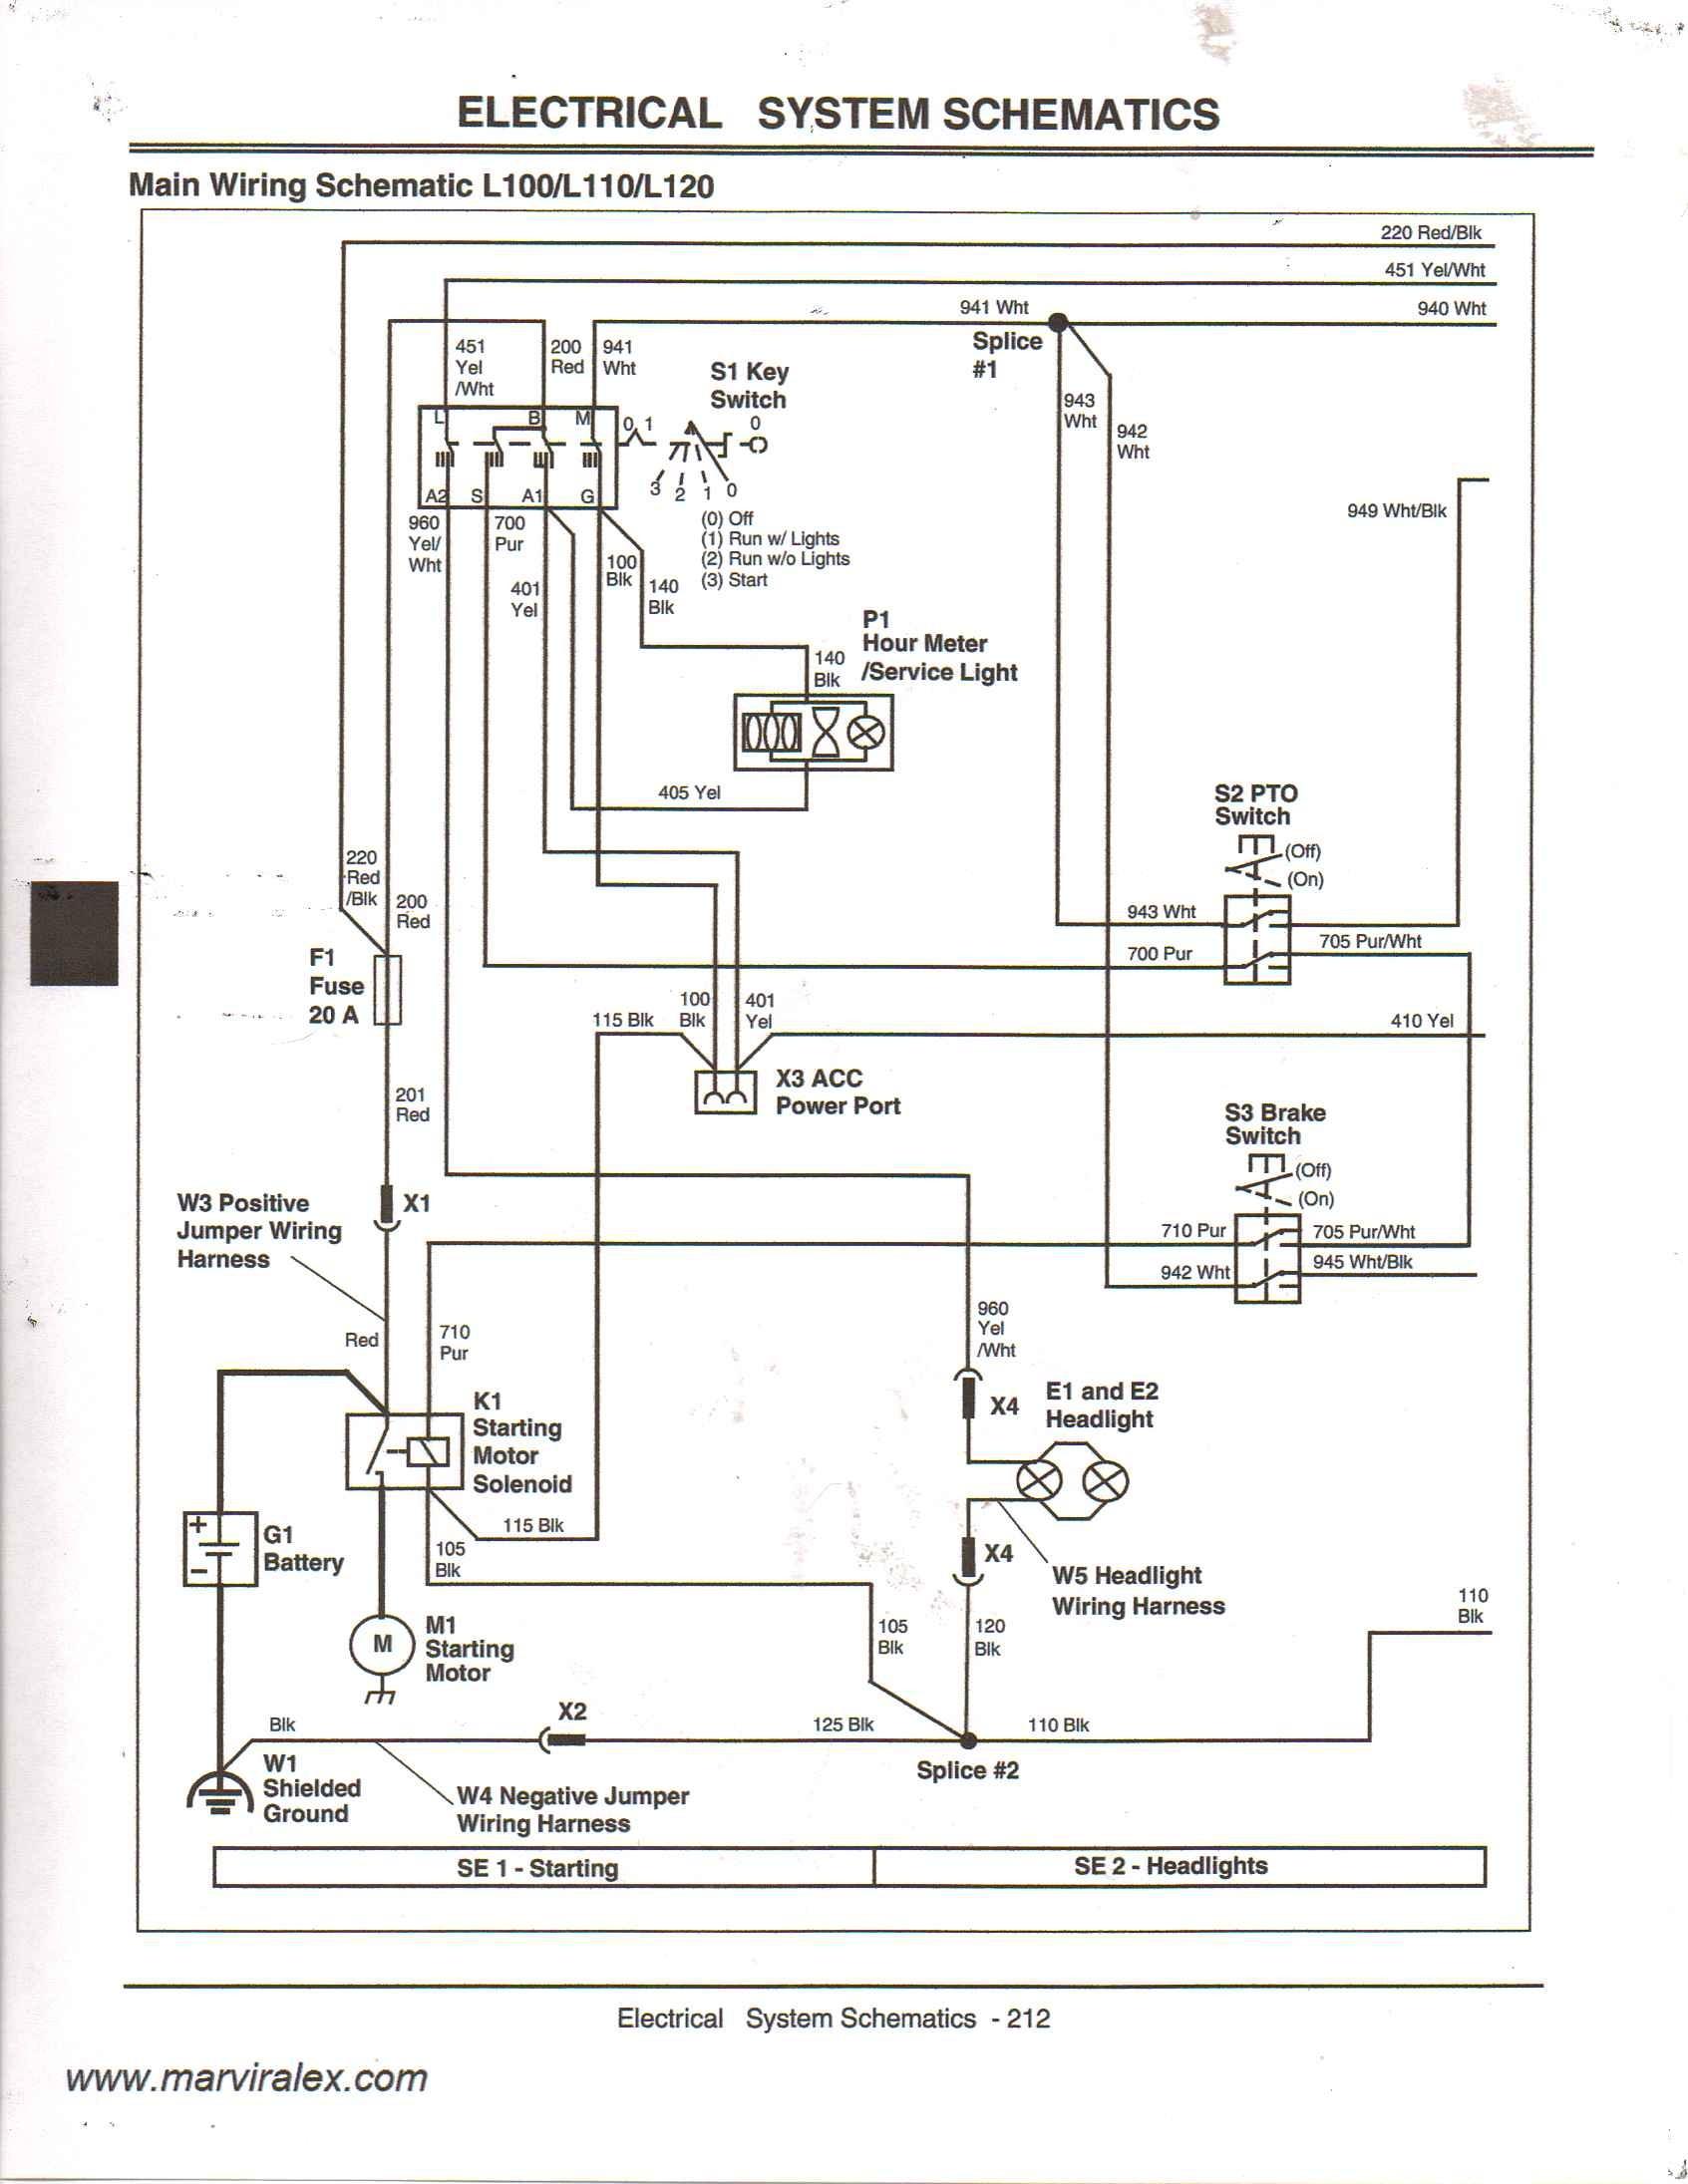 John Deere Gator Ignition Diagram Cb 4290] for John Deere 1050 Tractor Wiring Diagram Of John Deere Gator Ignition Diagram